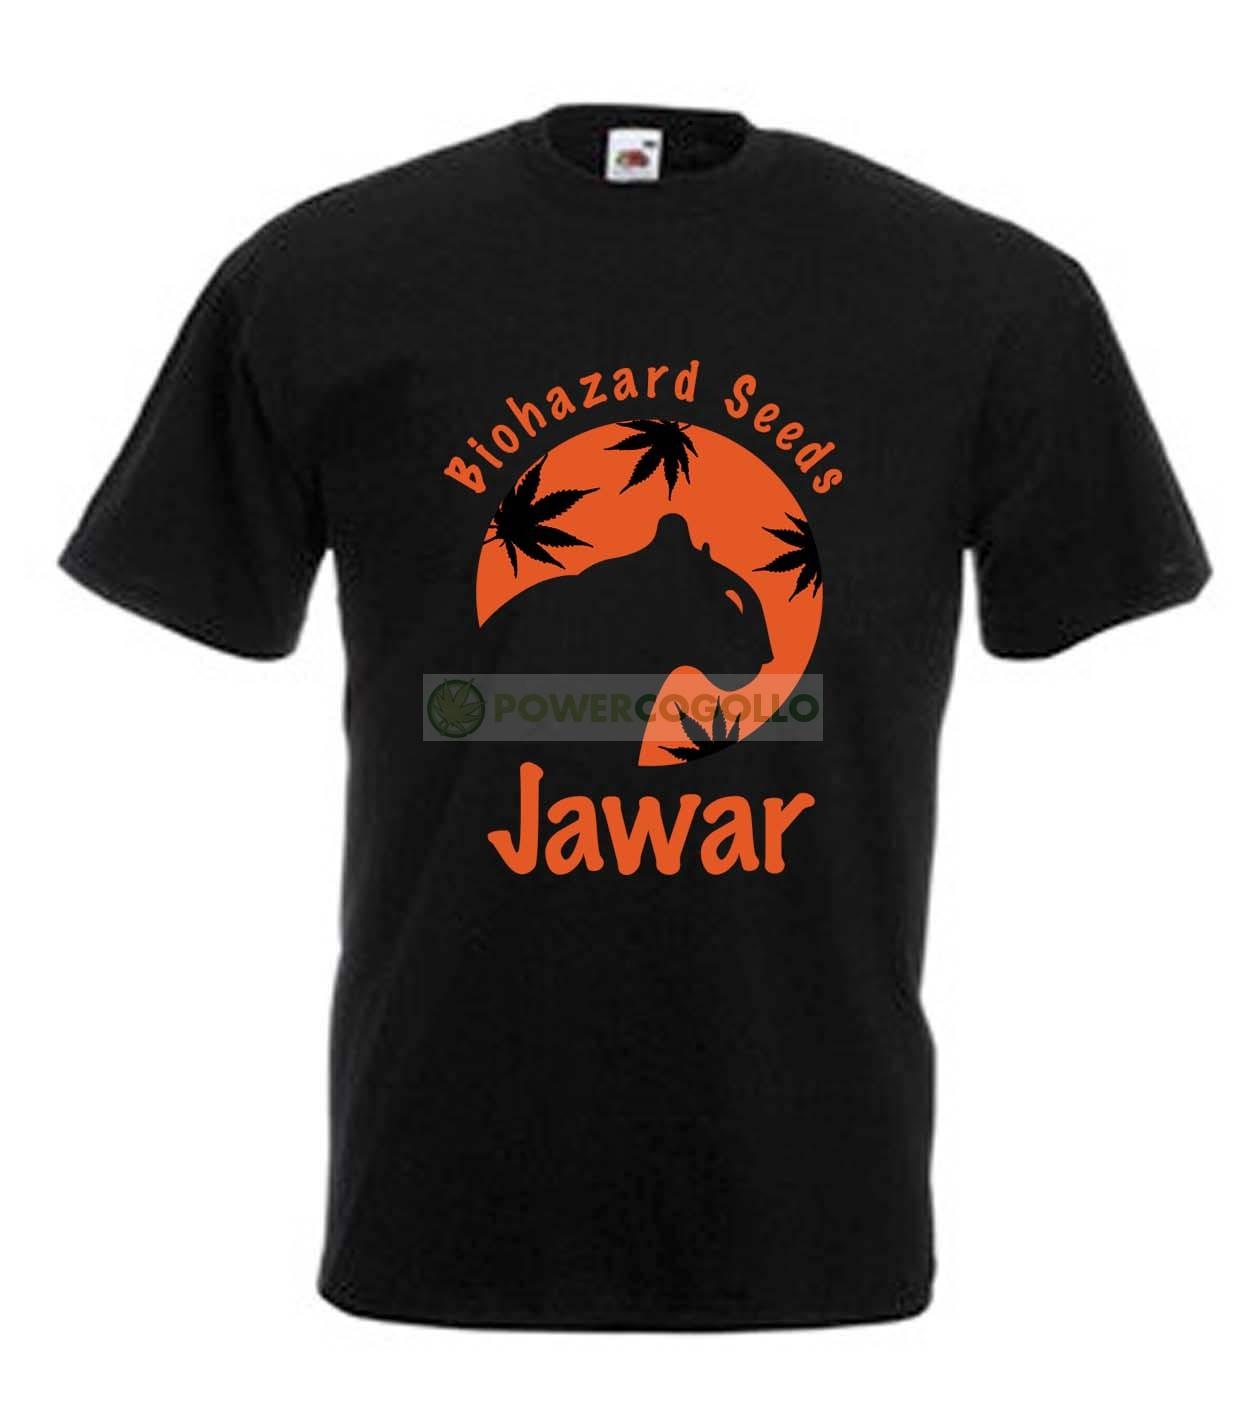 Camiseta Biohazard Seeds Jawar  0